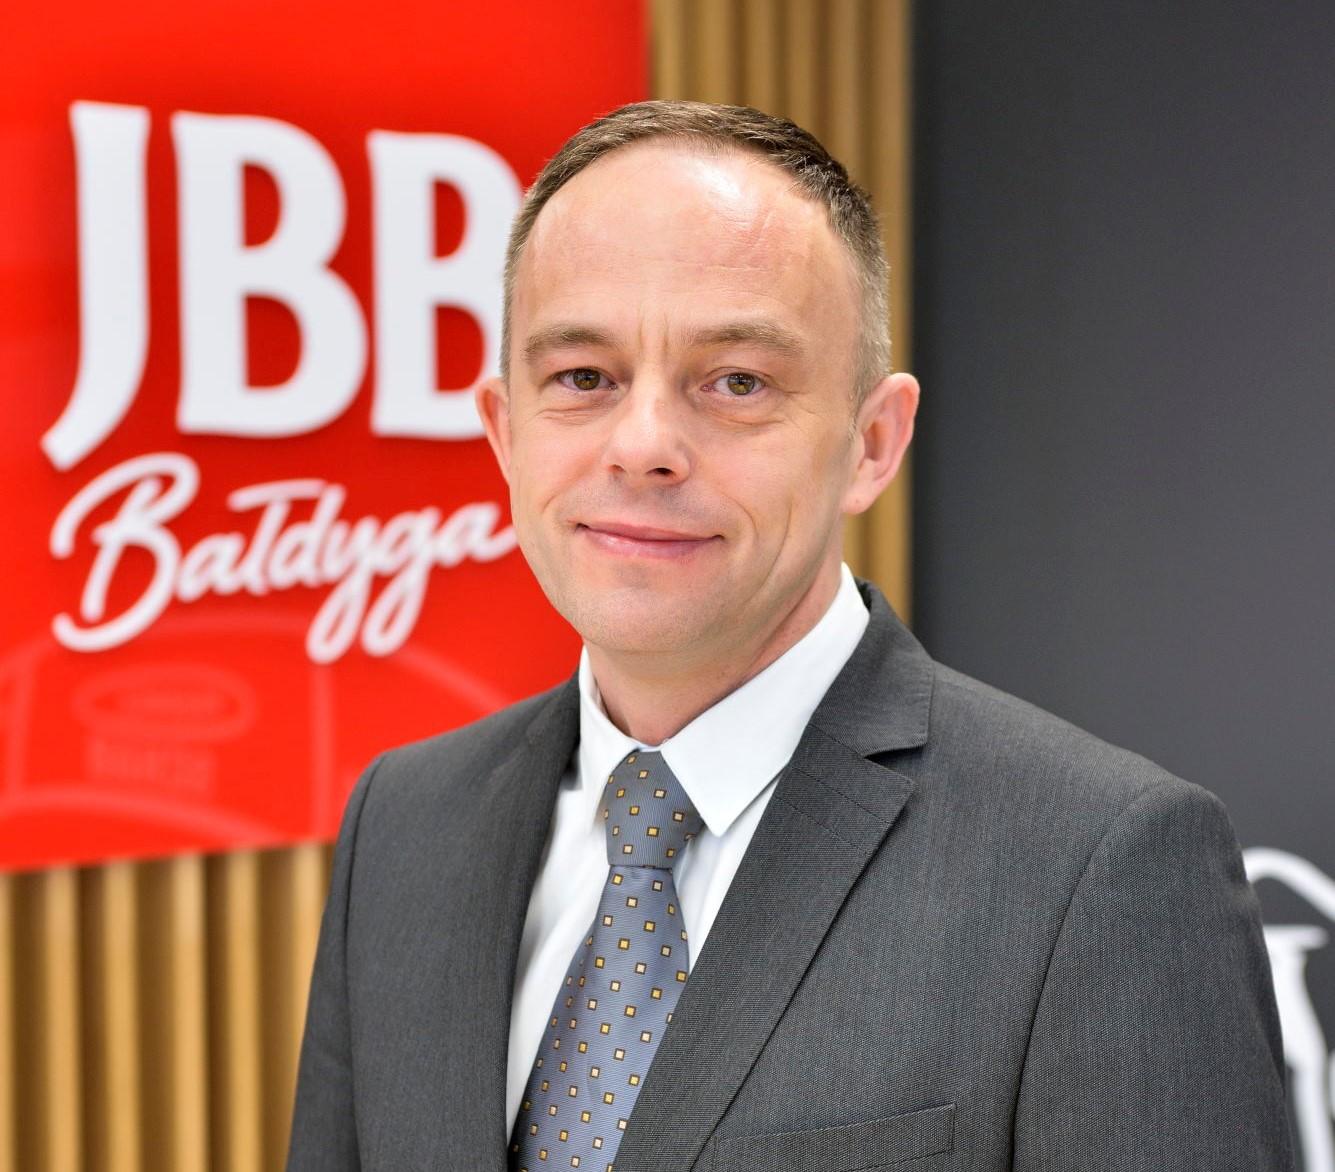 Andrzej Kowalski nowym Dyrektorem Sprzedaży i Marketingu JBB Bałdyga